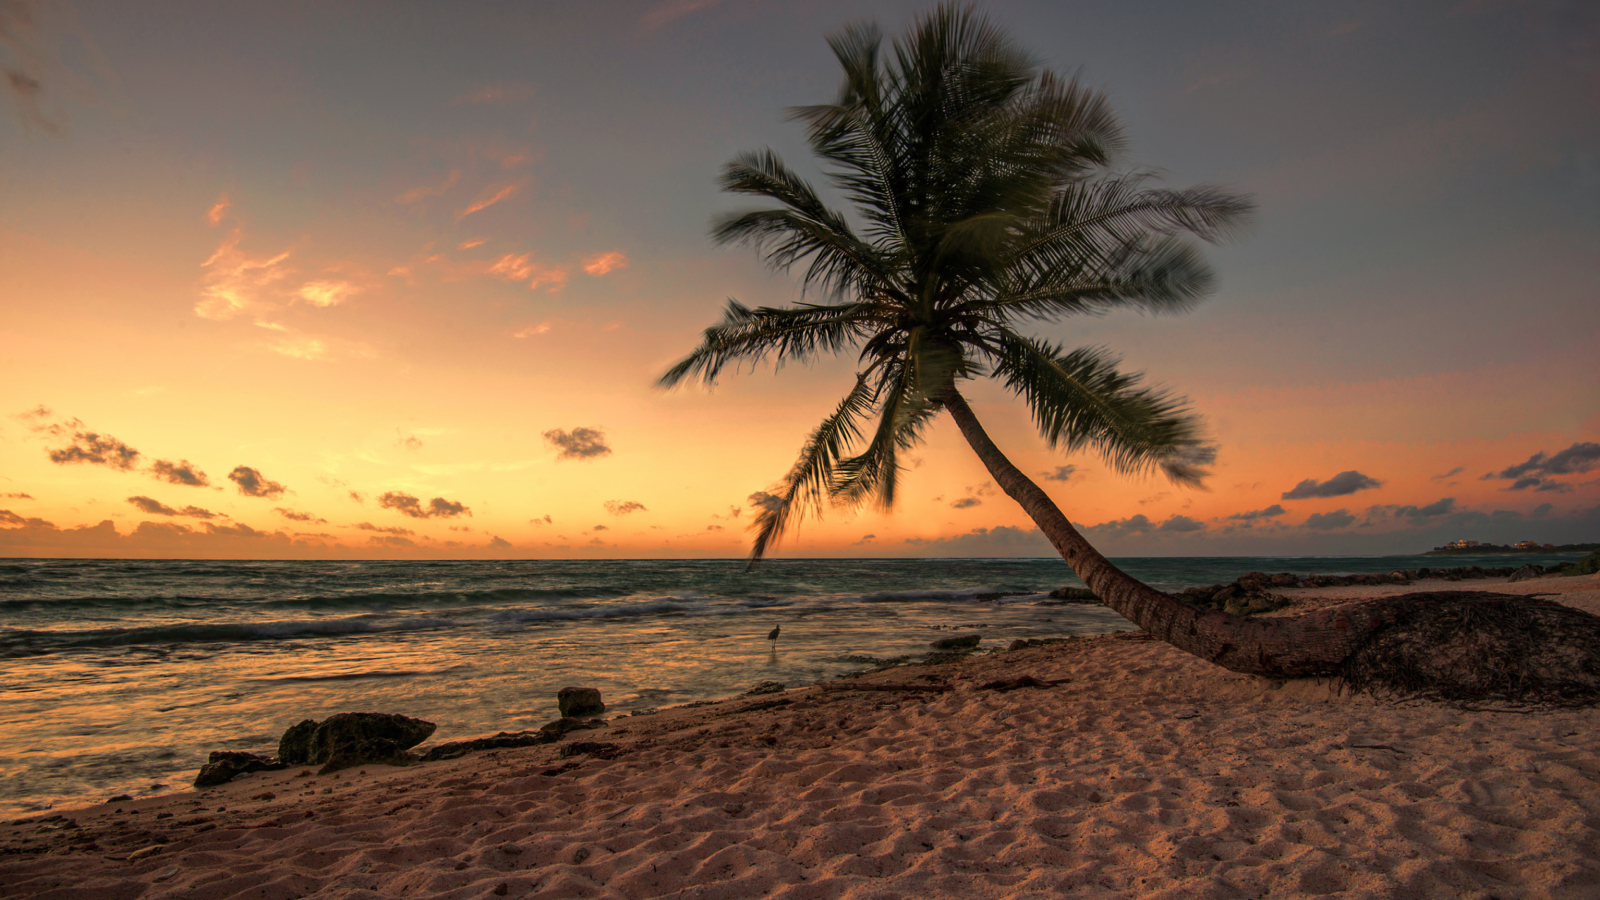 Пляж 2014 смотреть онлайн сериал